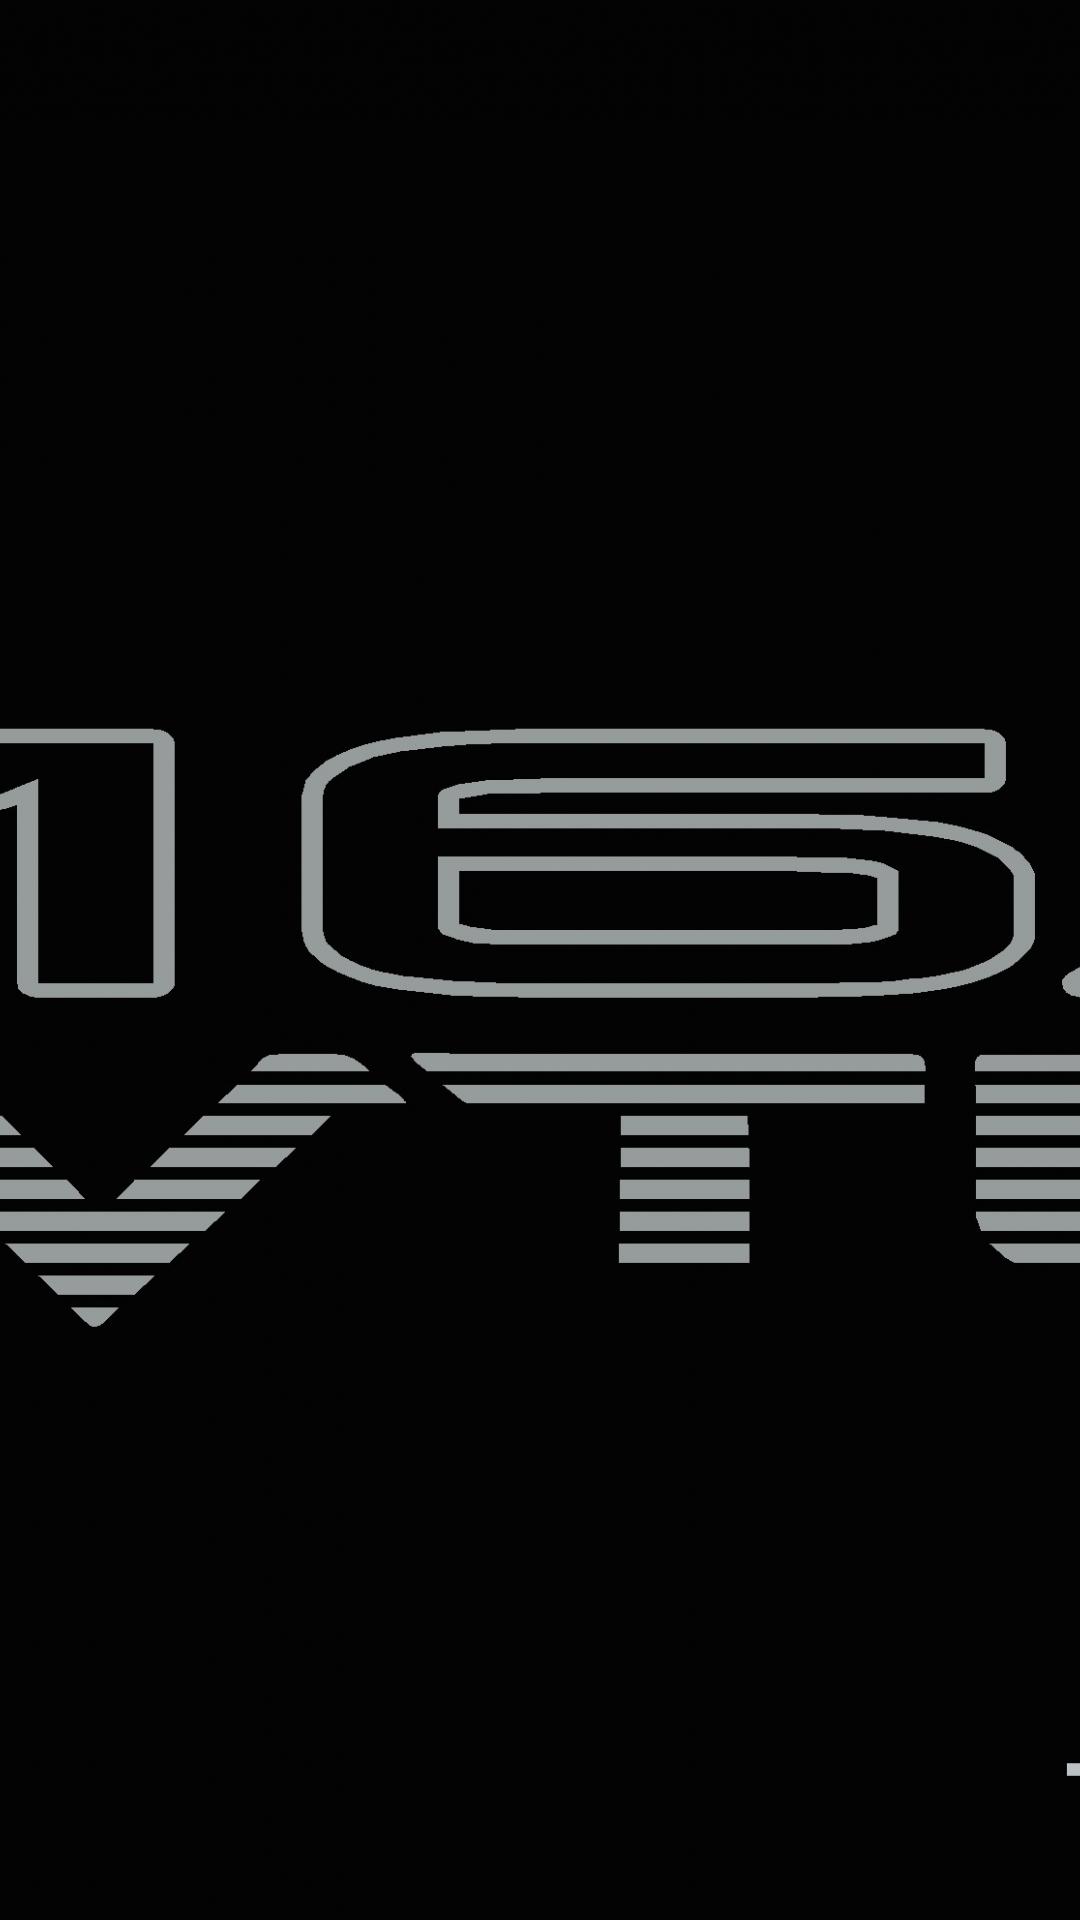 download 2x B16A VTEC honda stickers Decals For DOHC Honda 1080x1920